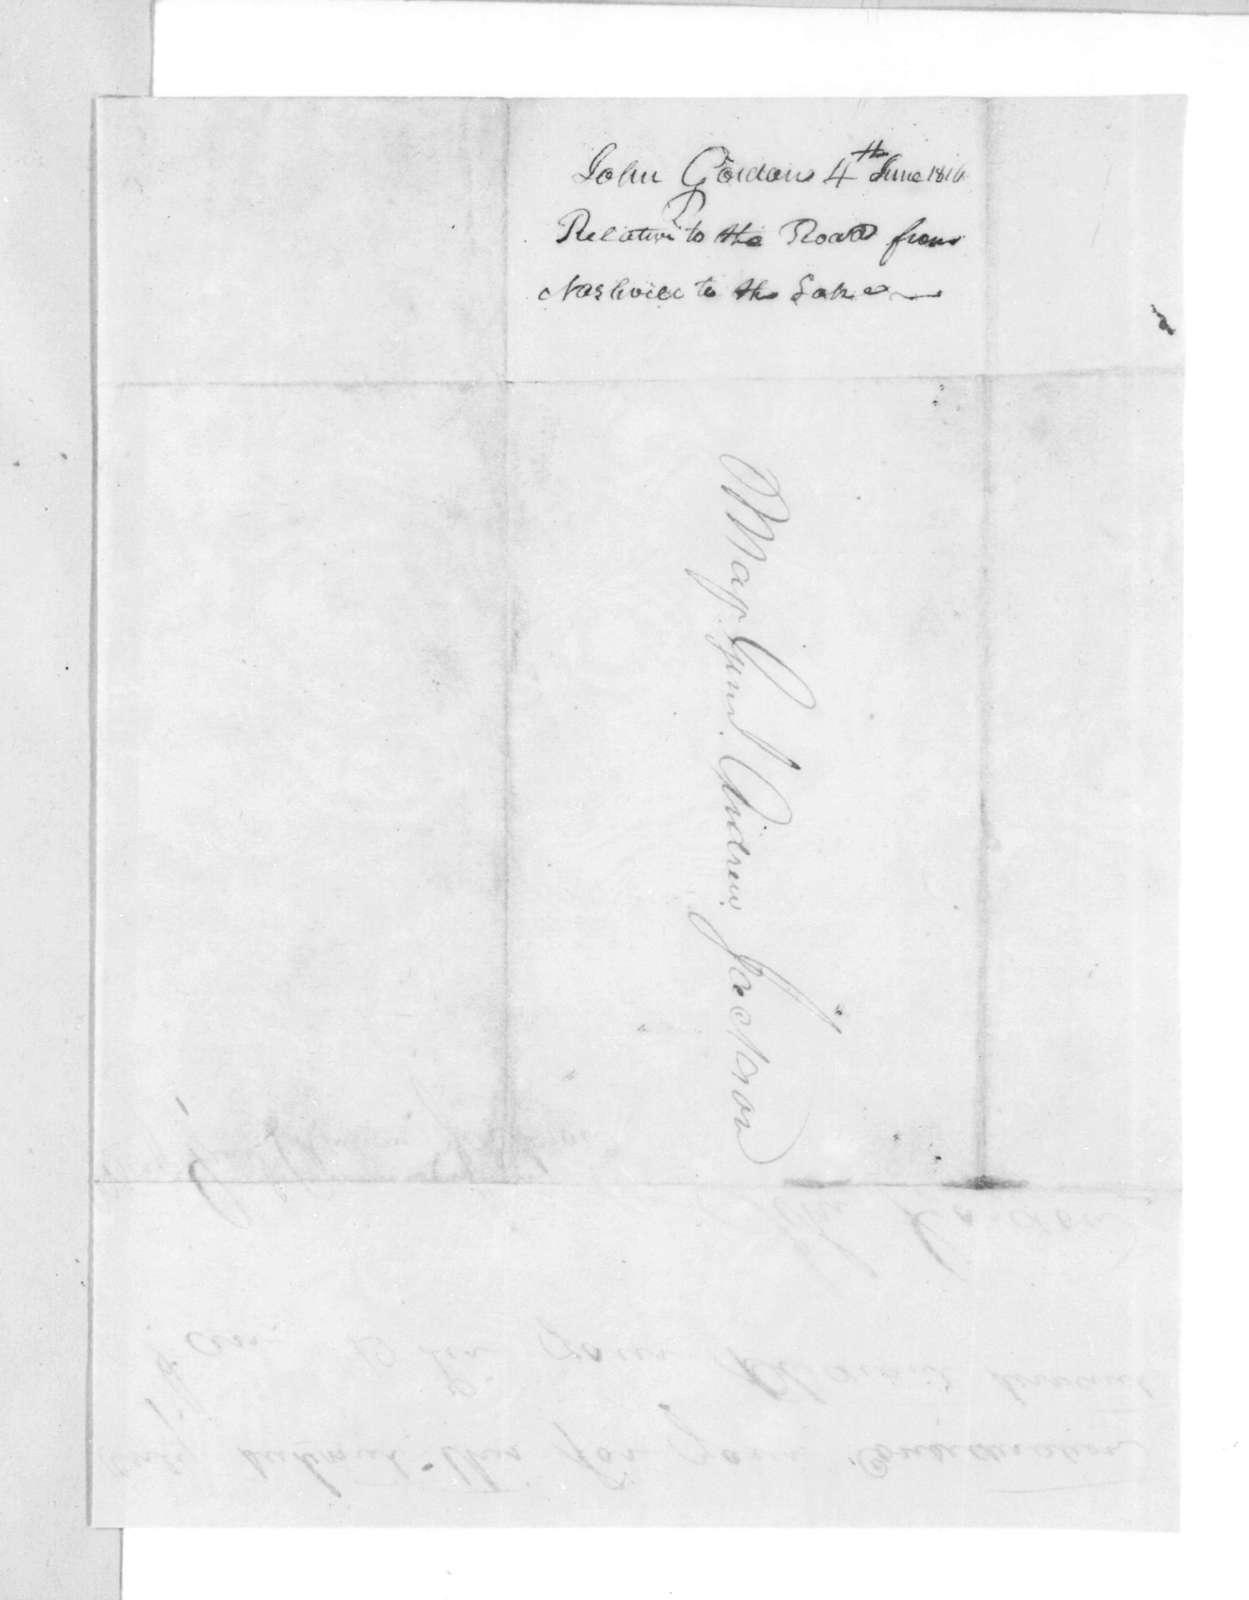 John Gordon to Andrew Jackson, June 4, 1816